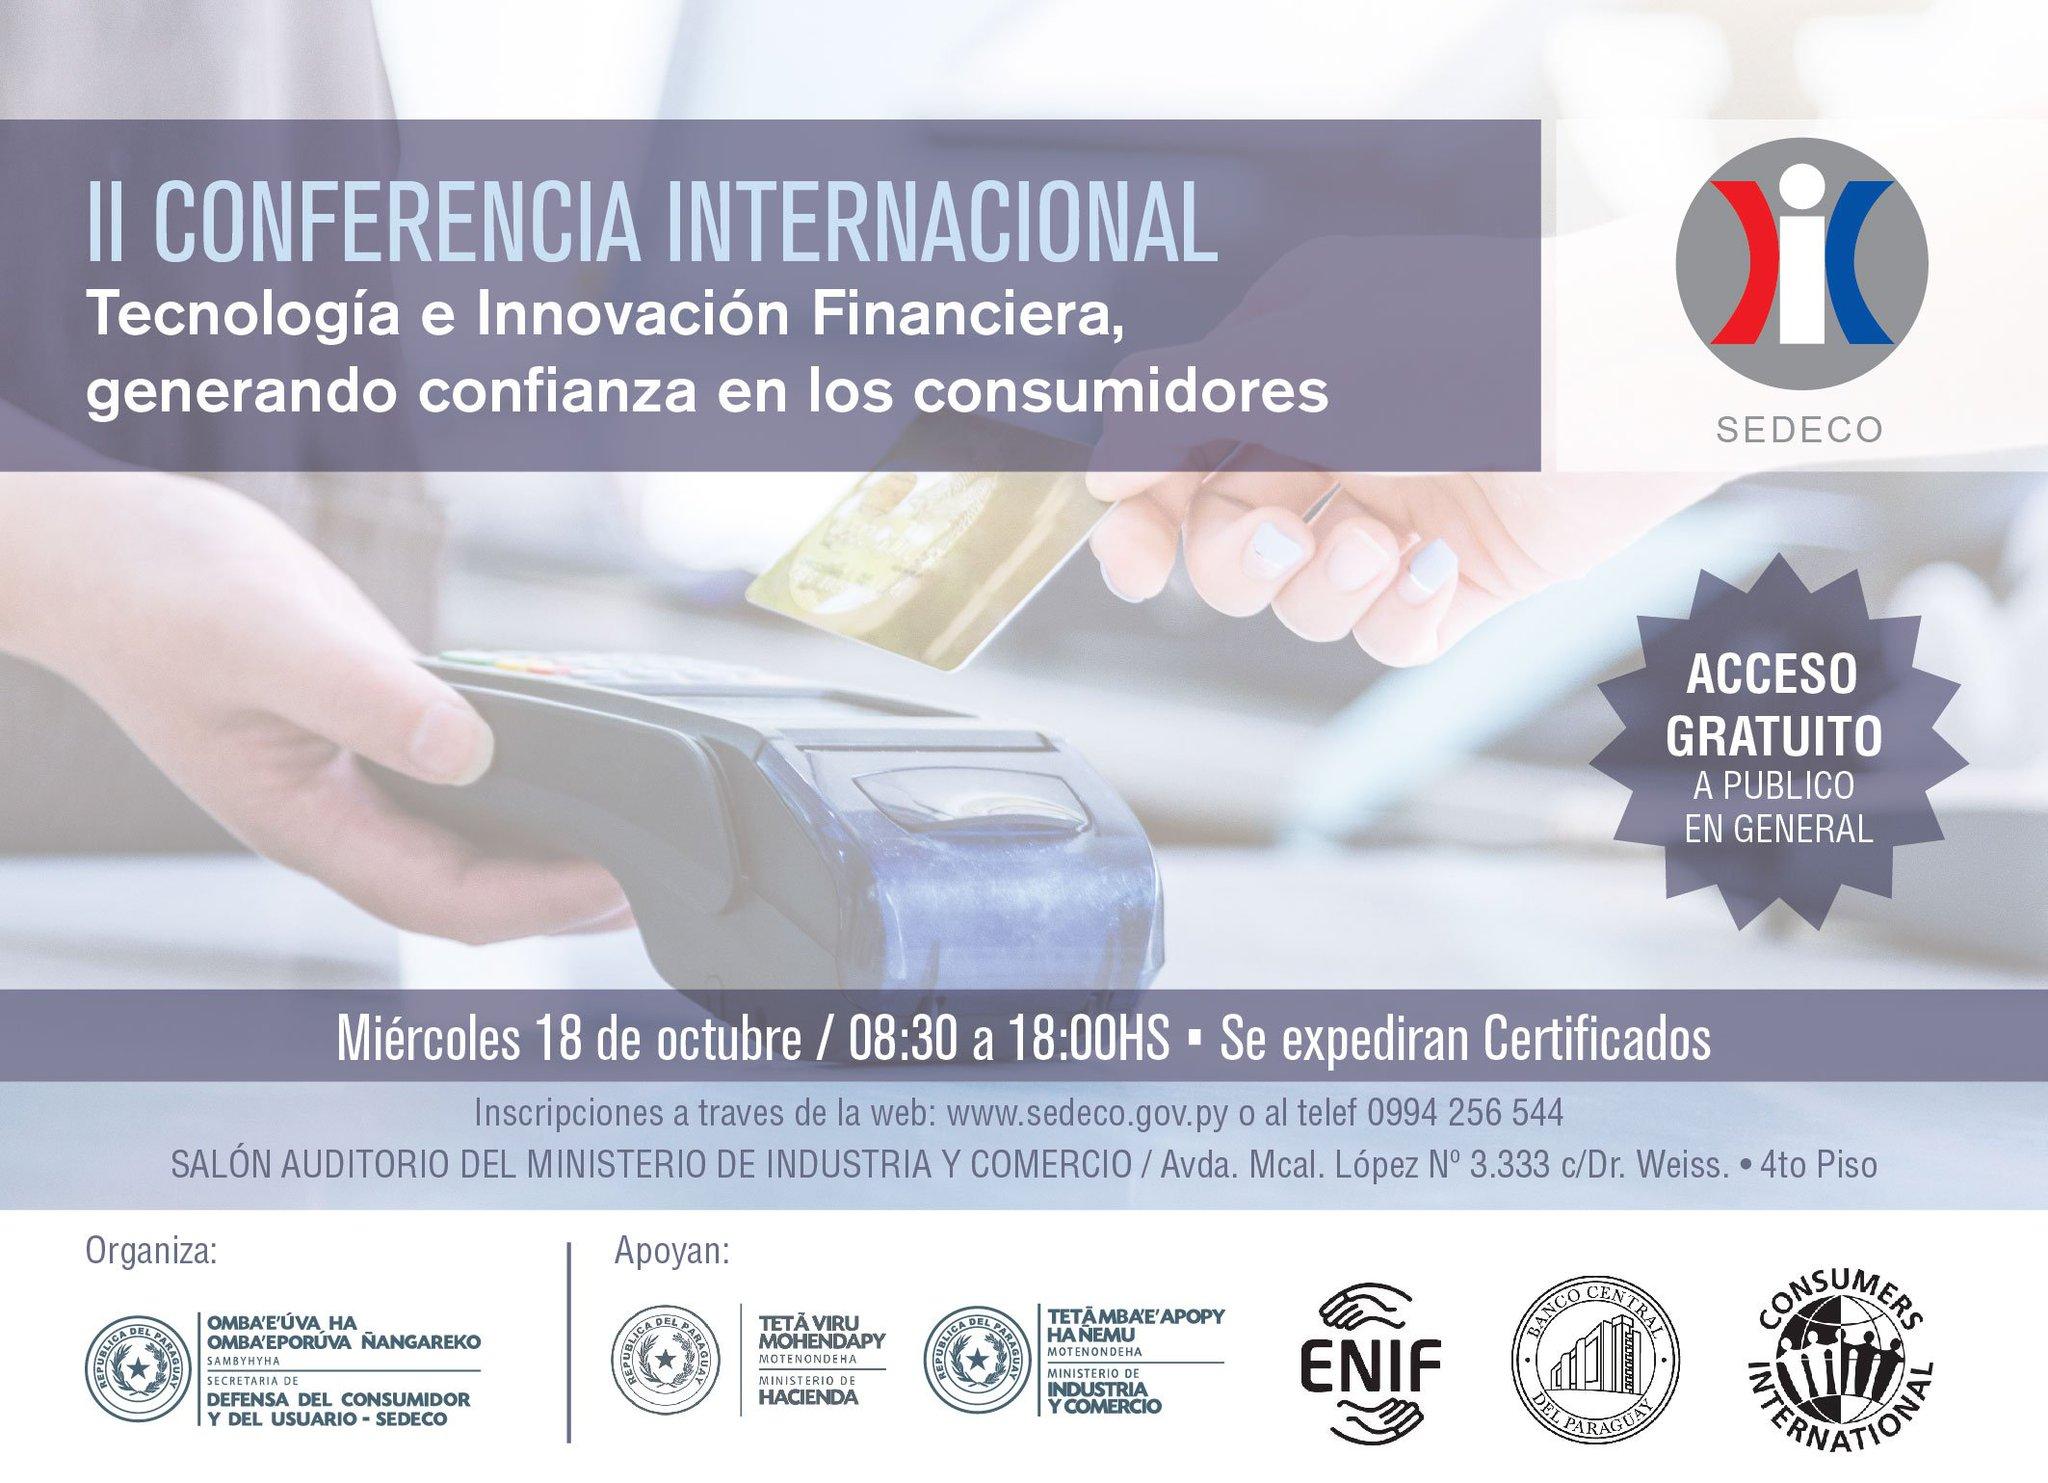 Flyer Conferencia Tecnologia e Innovacion Financiera, generando confianza en los consumidores